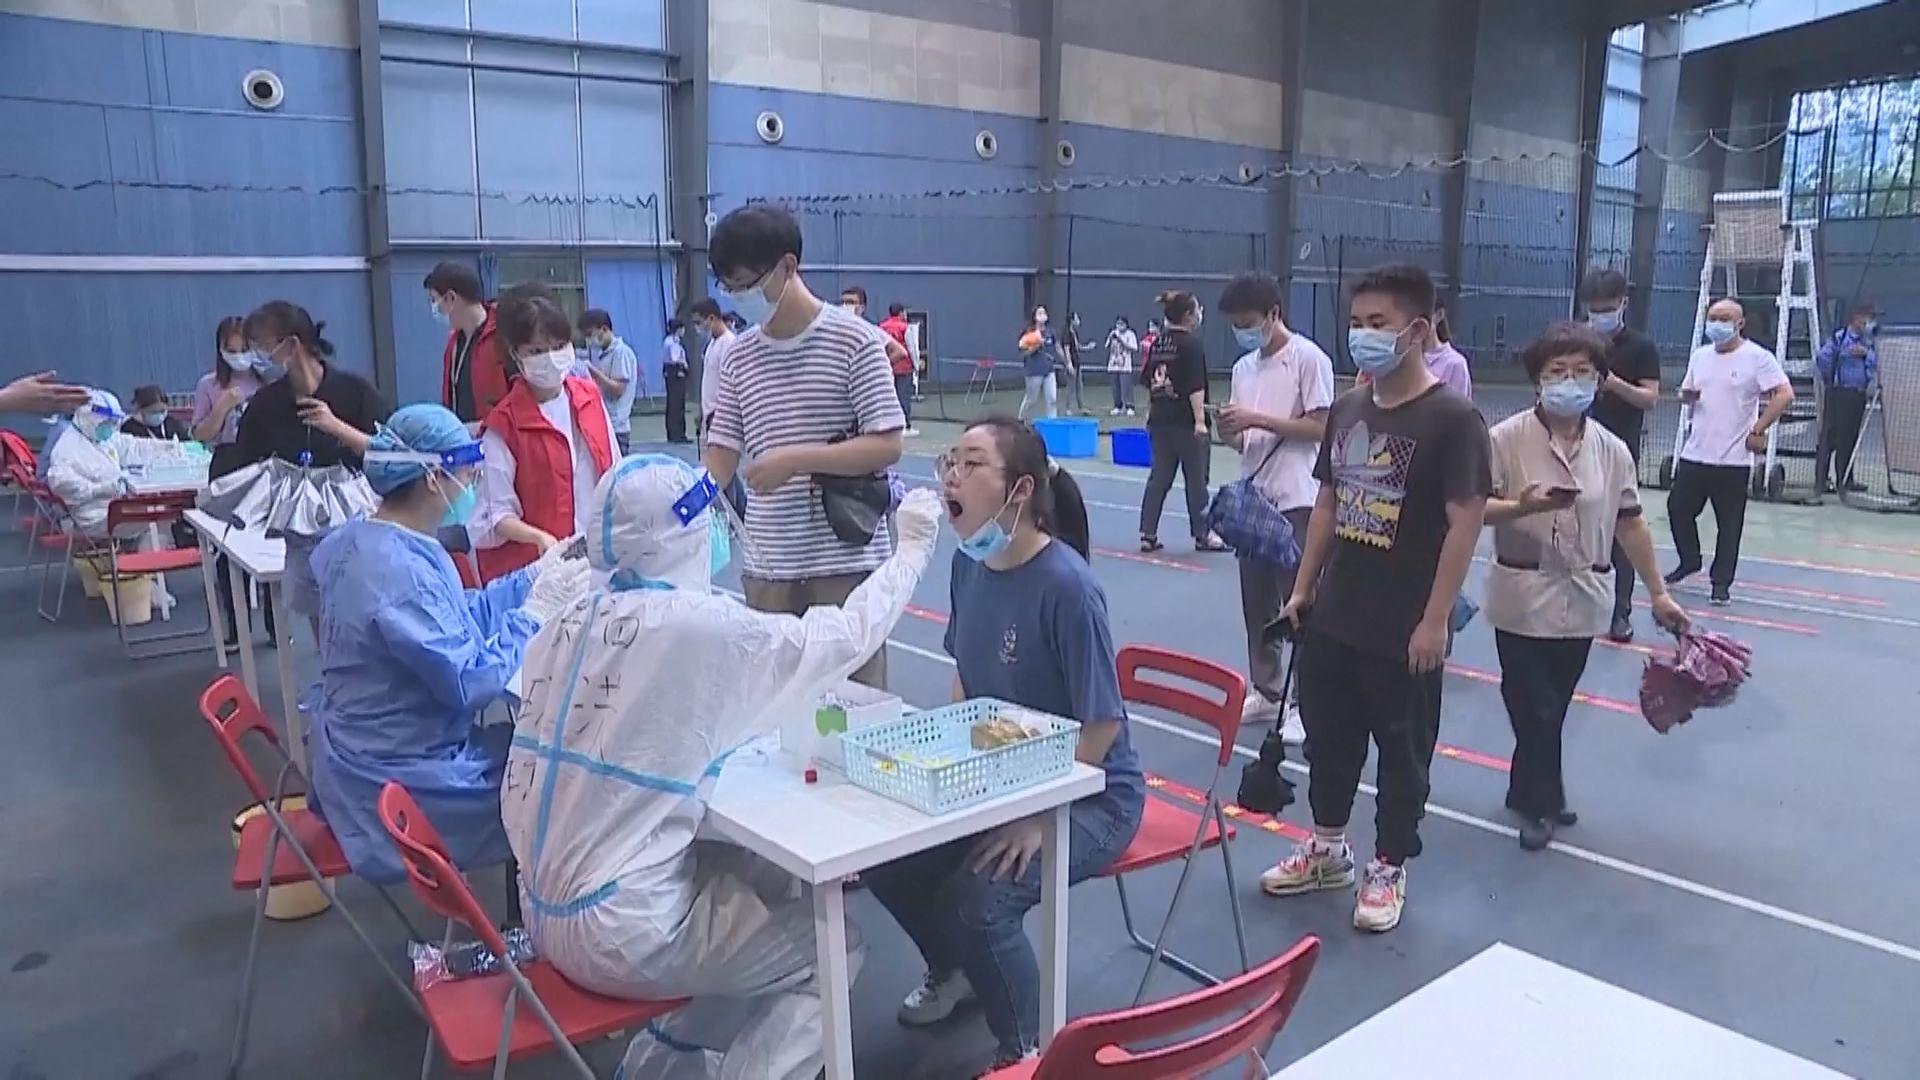 內地增21宗新冠本土病例 南京疫情擴散到多個省市